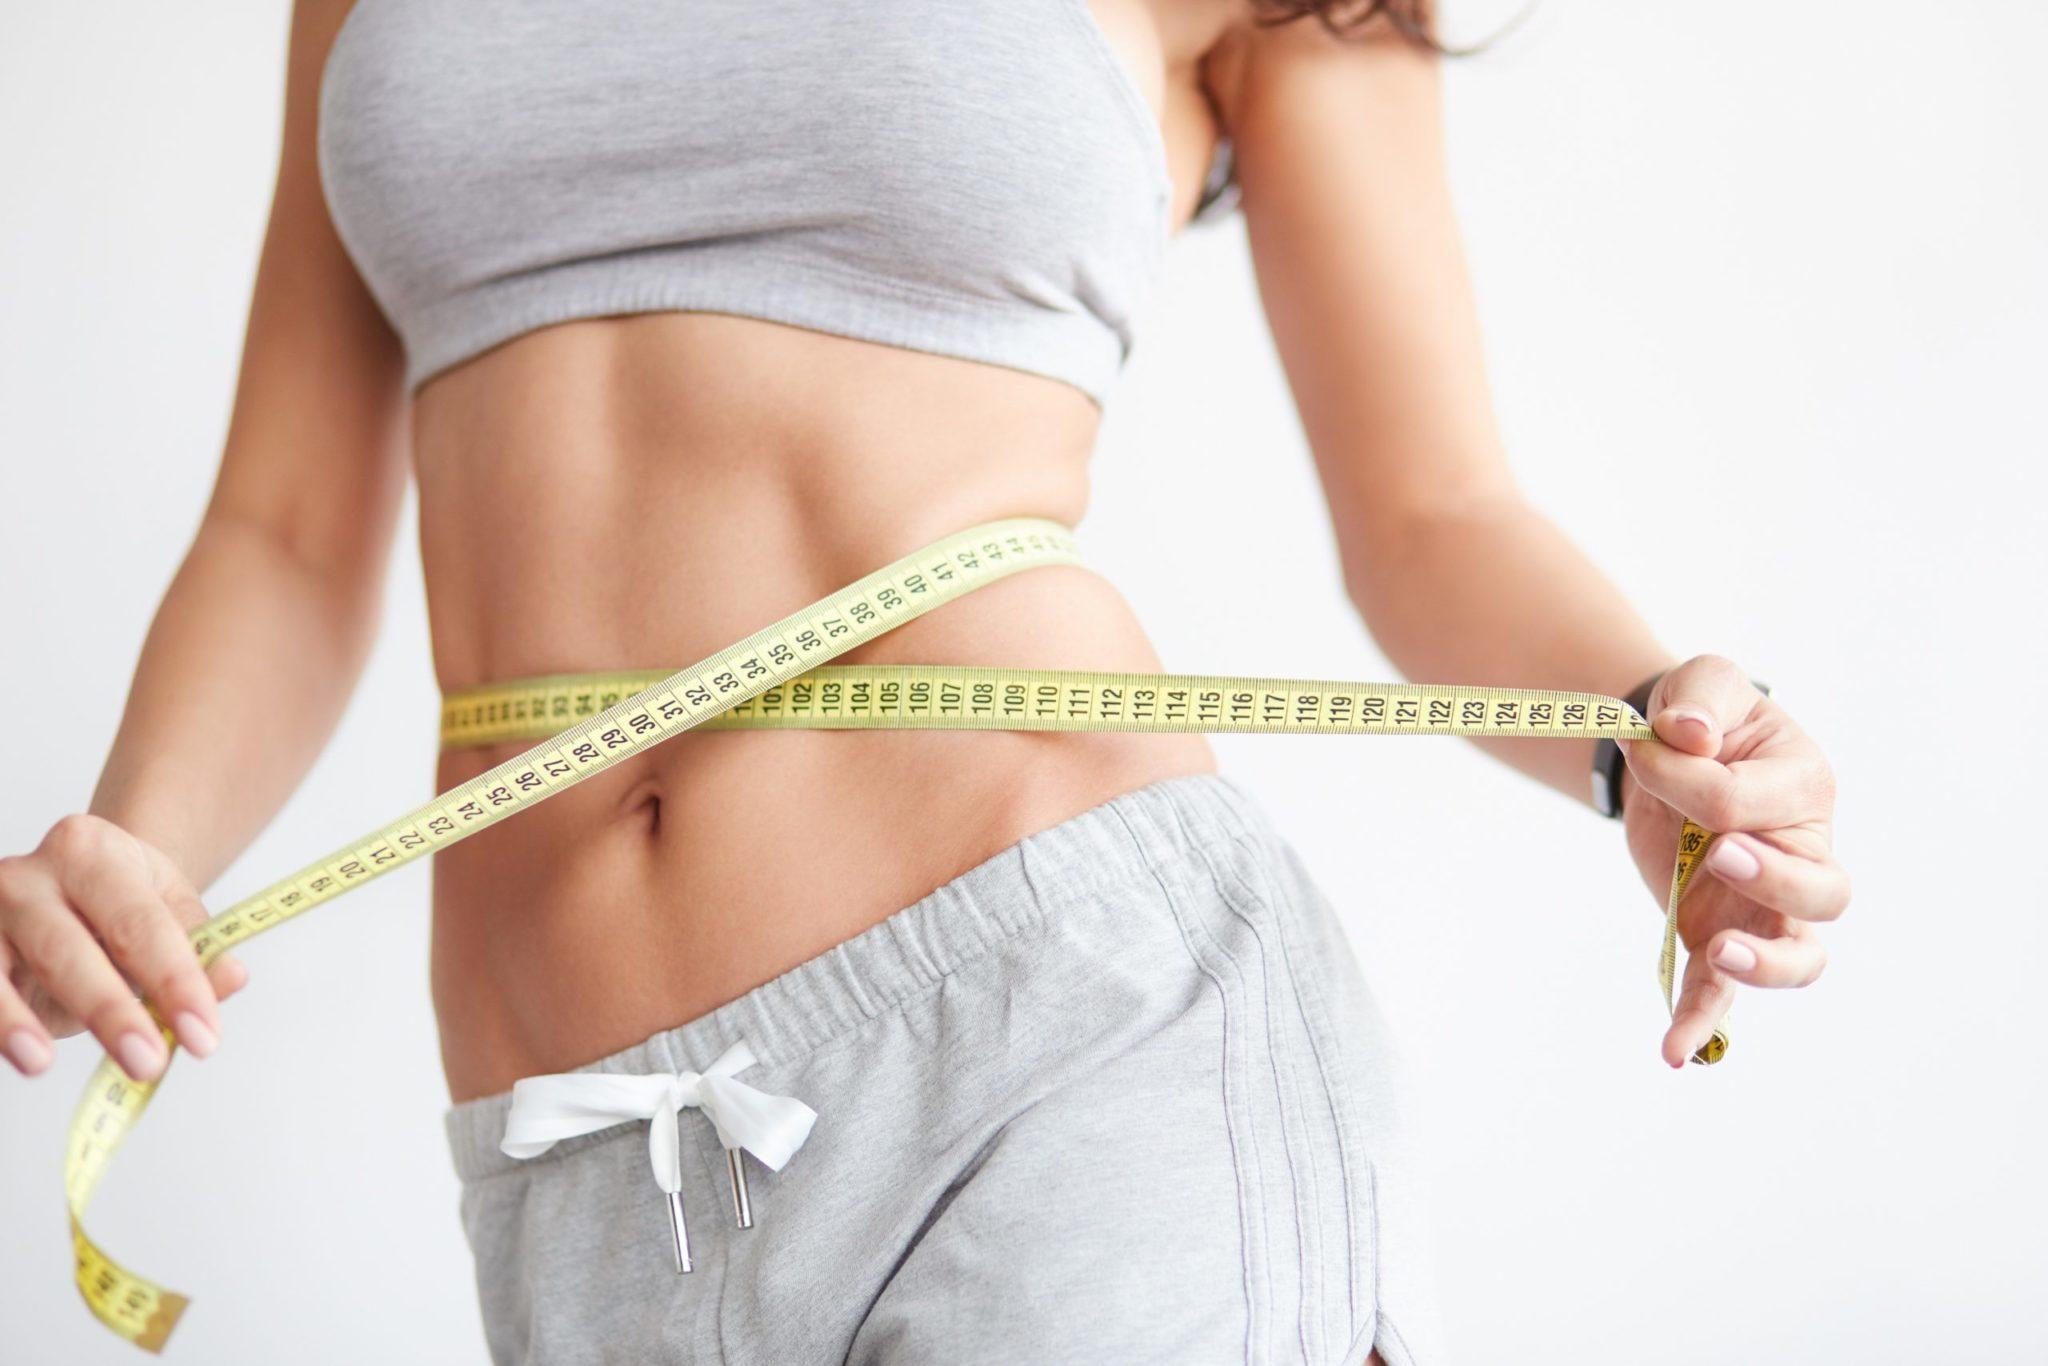 Заговор Похудеть На 10 Кг За. Как похудеть быстро и без усилий с помощью магии?